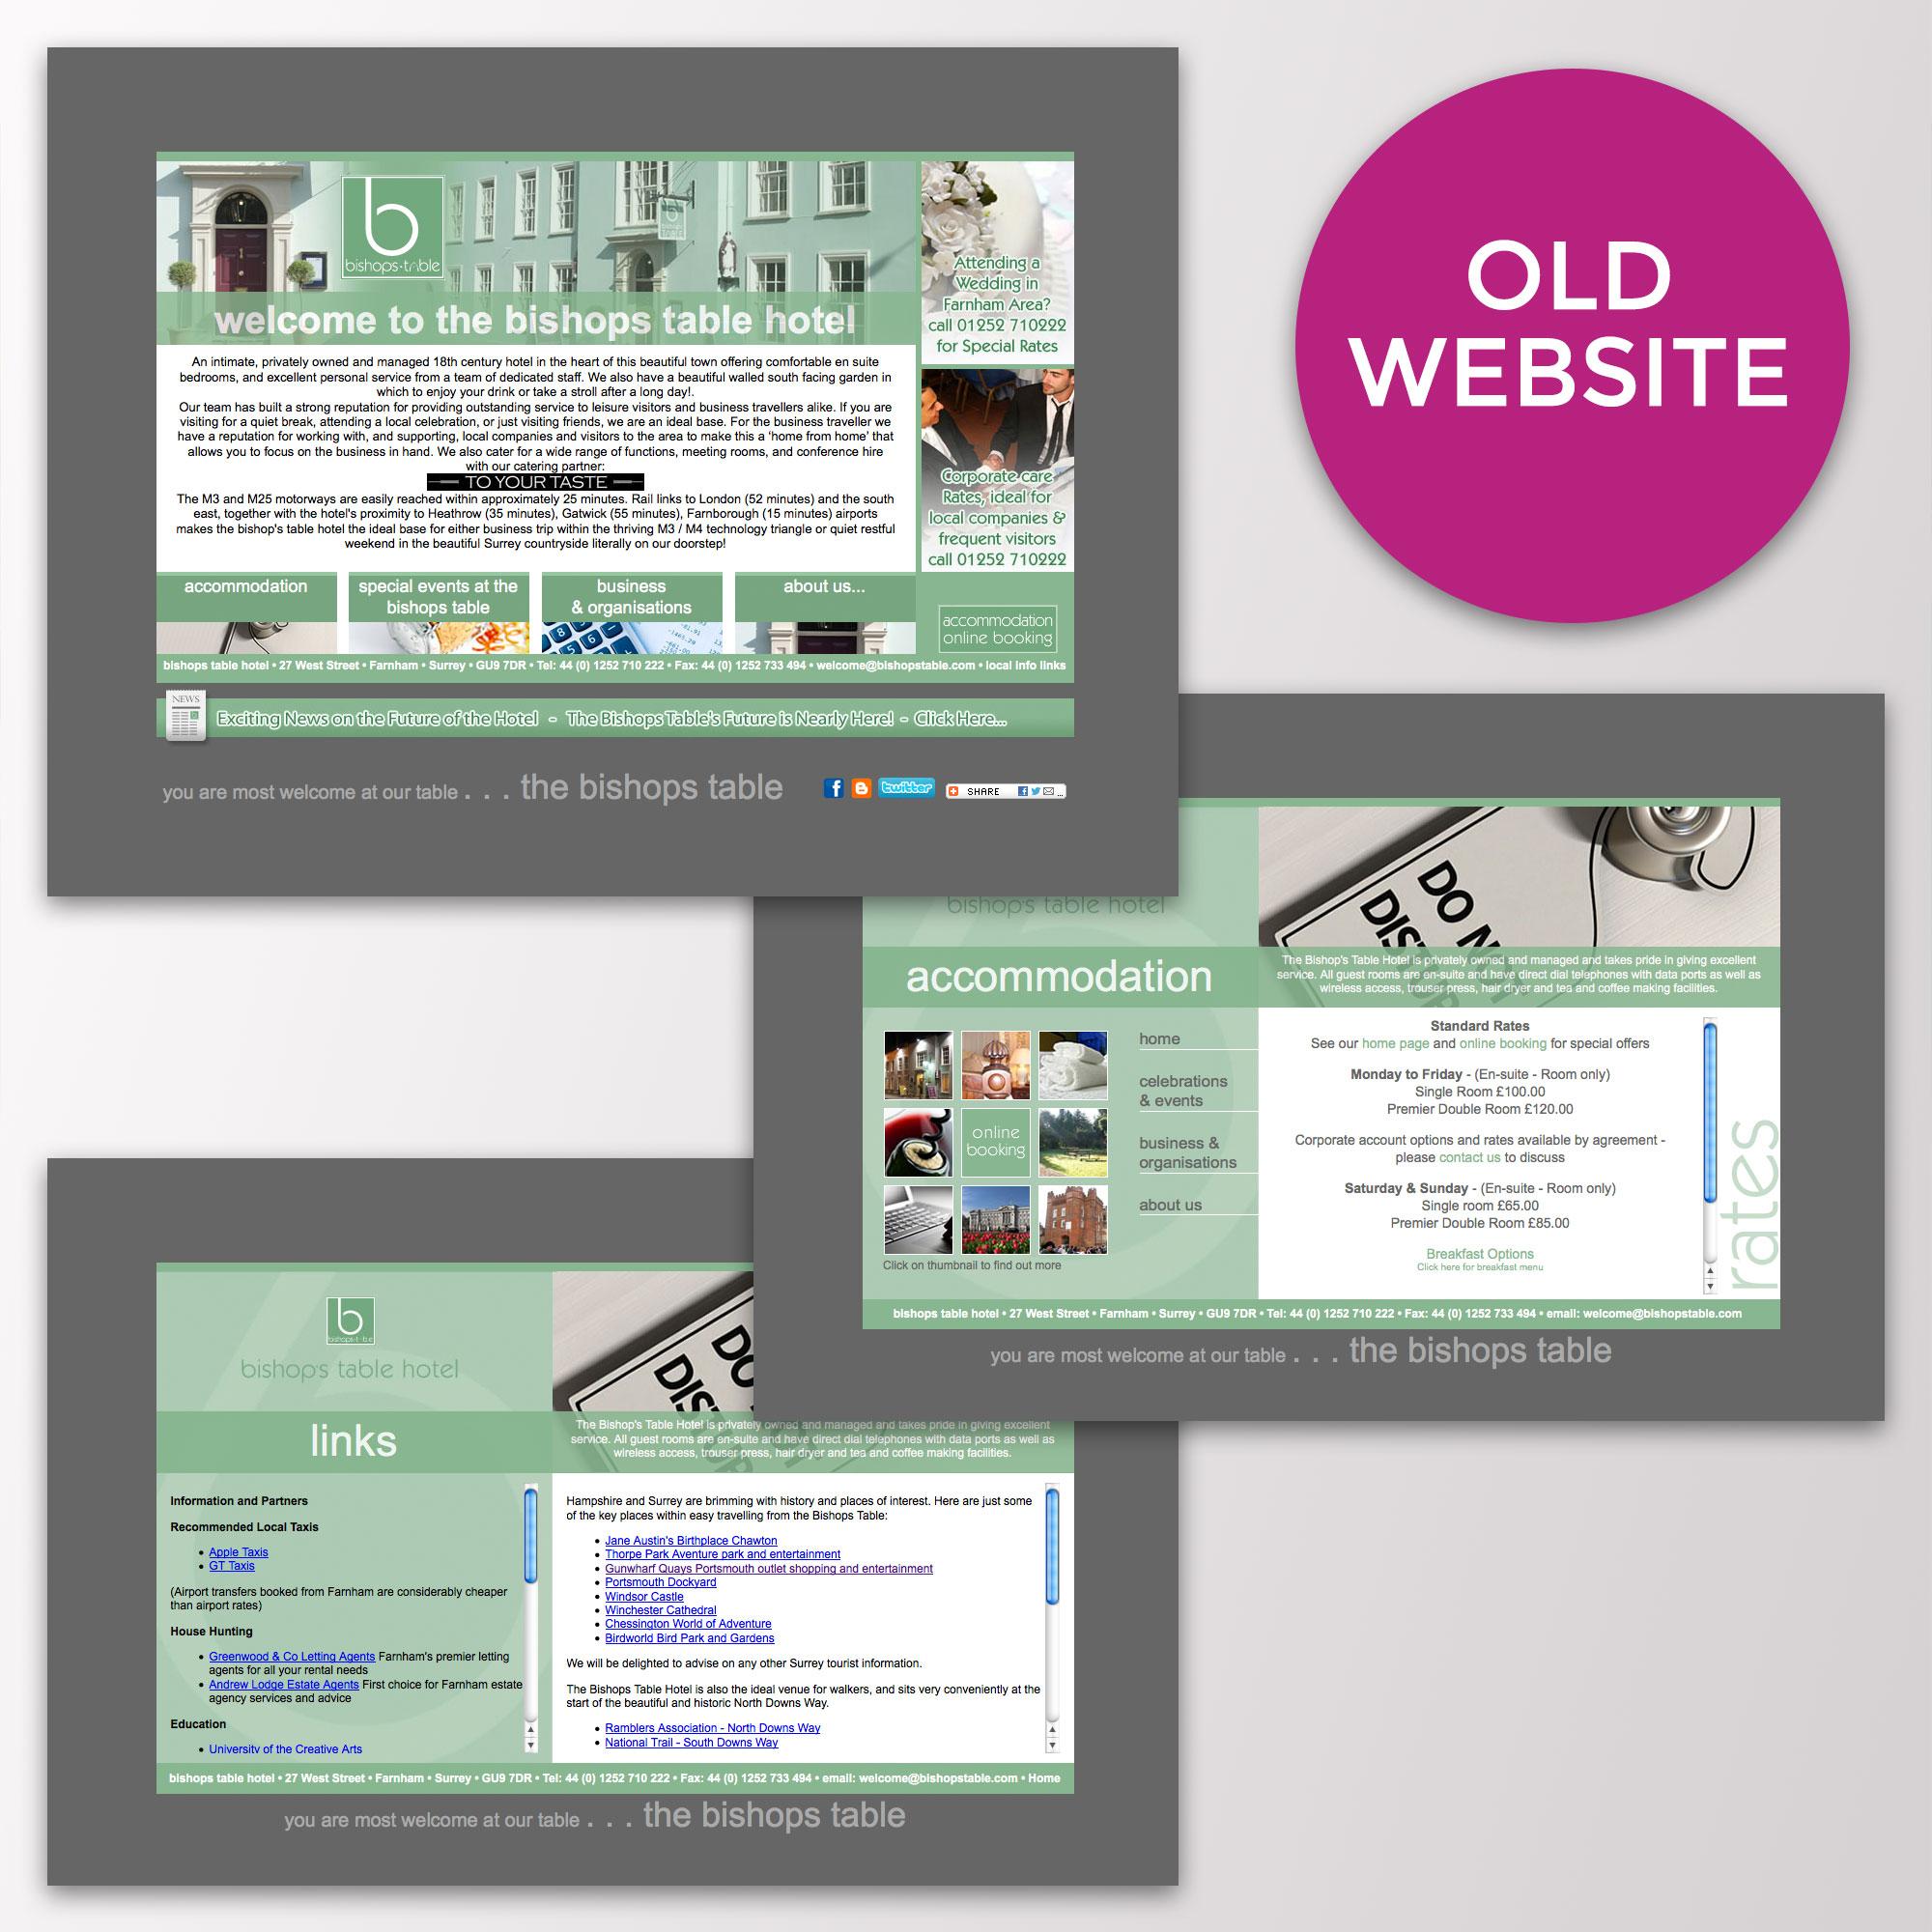 bishops table old website